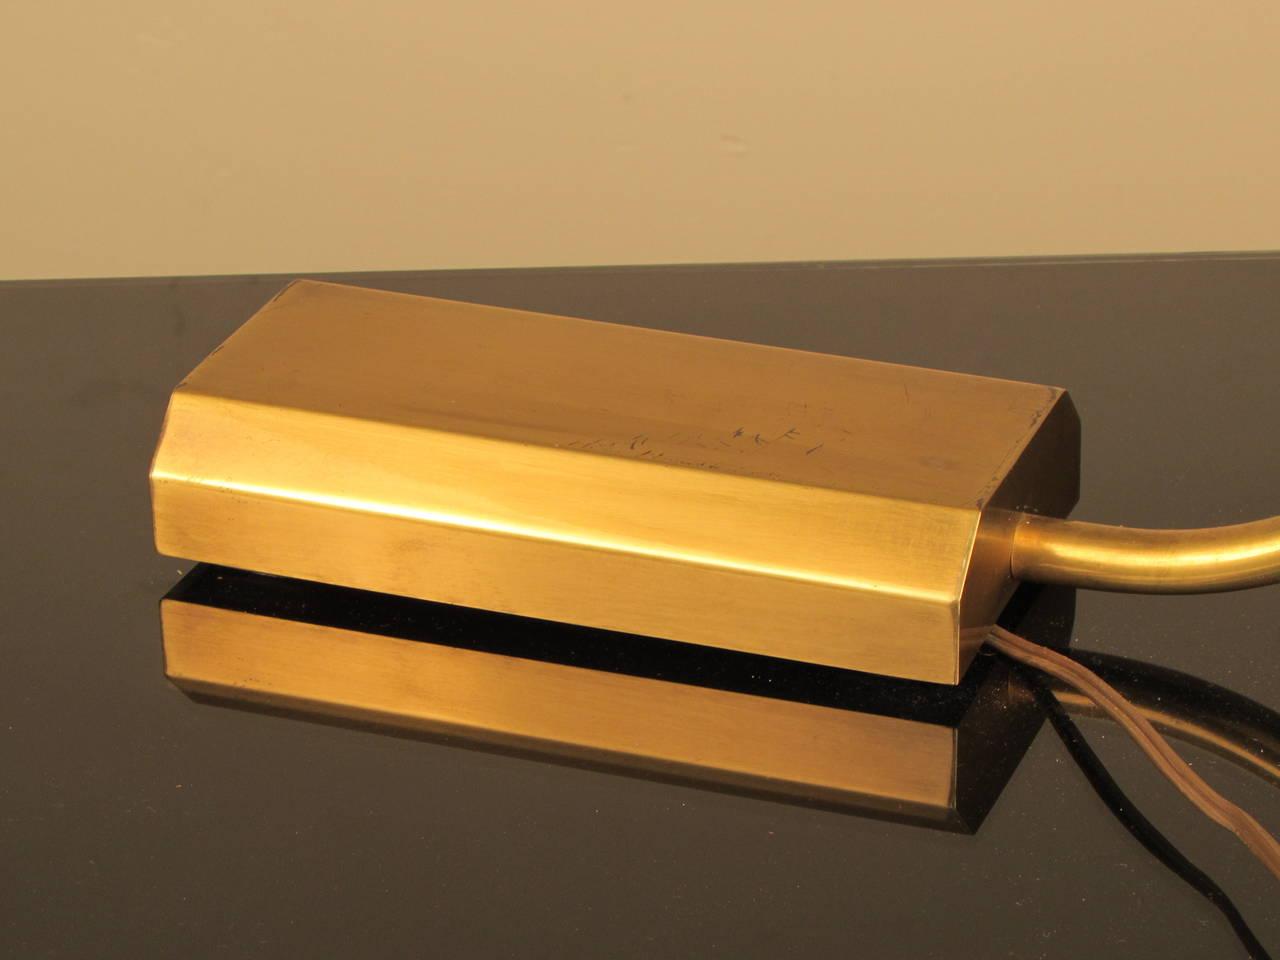 Sleek bauhaus inspired brass desk lamp by chapman at 1stdibs for Replica bauhaus